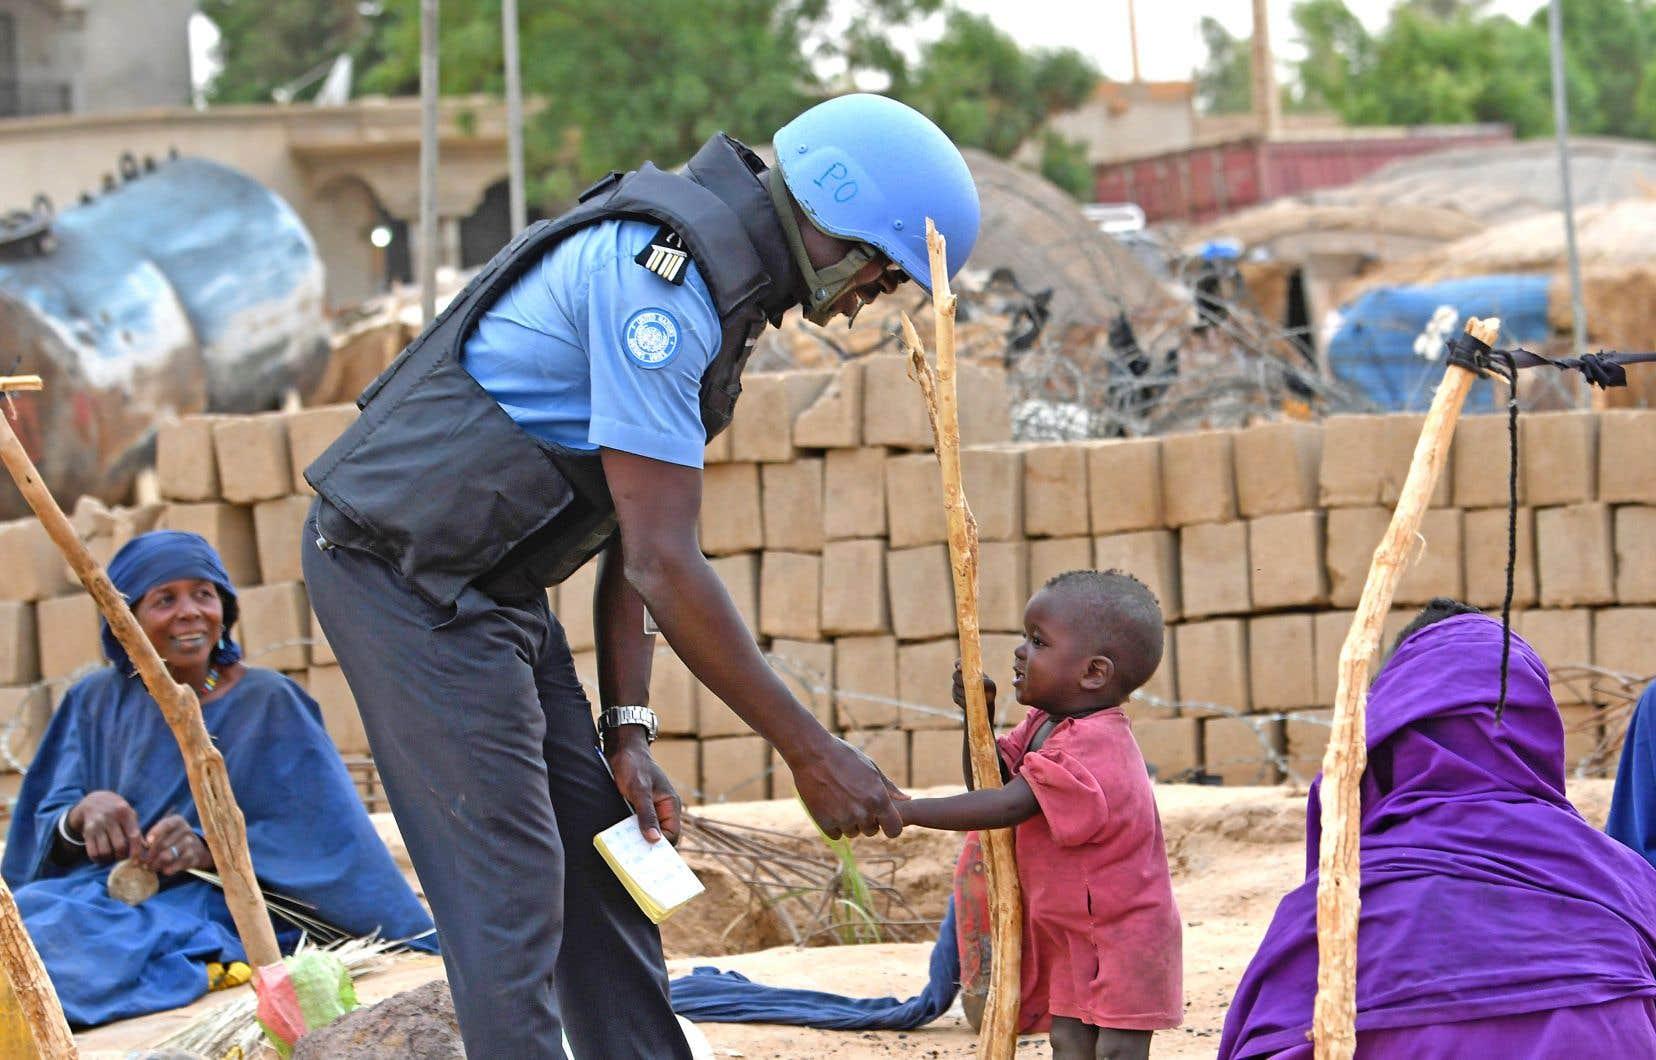 Les missions de maintien de la paix constituent l'épicentre des activités onusiennes.